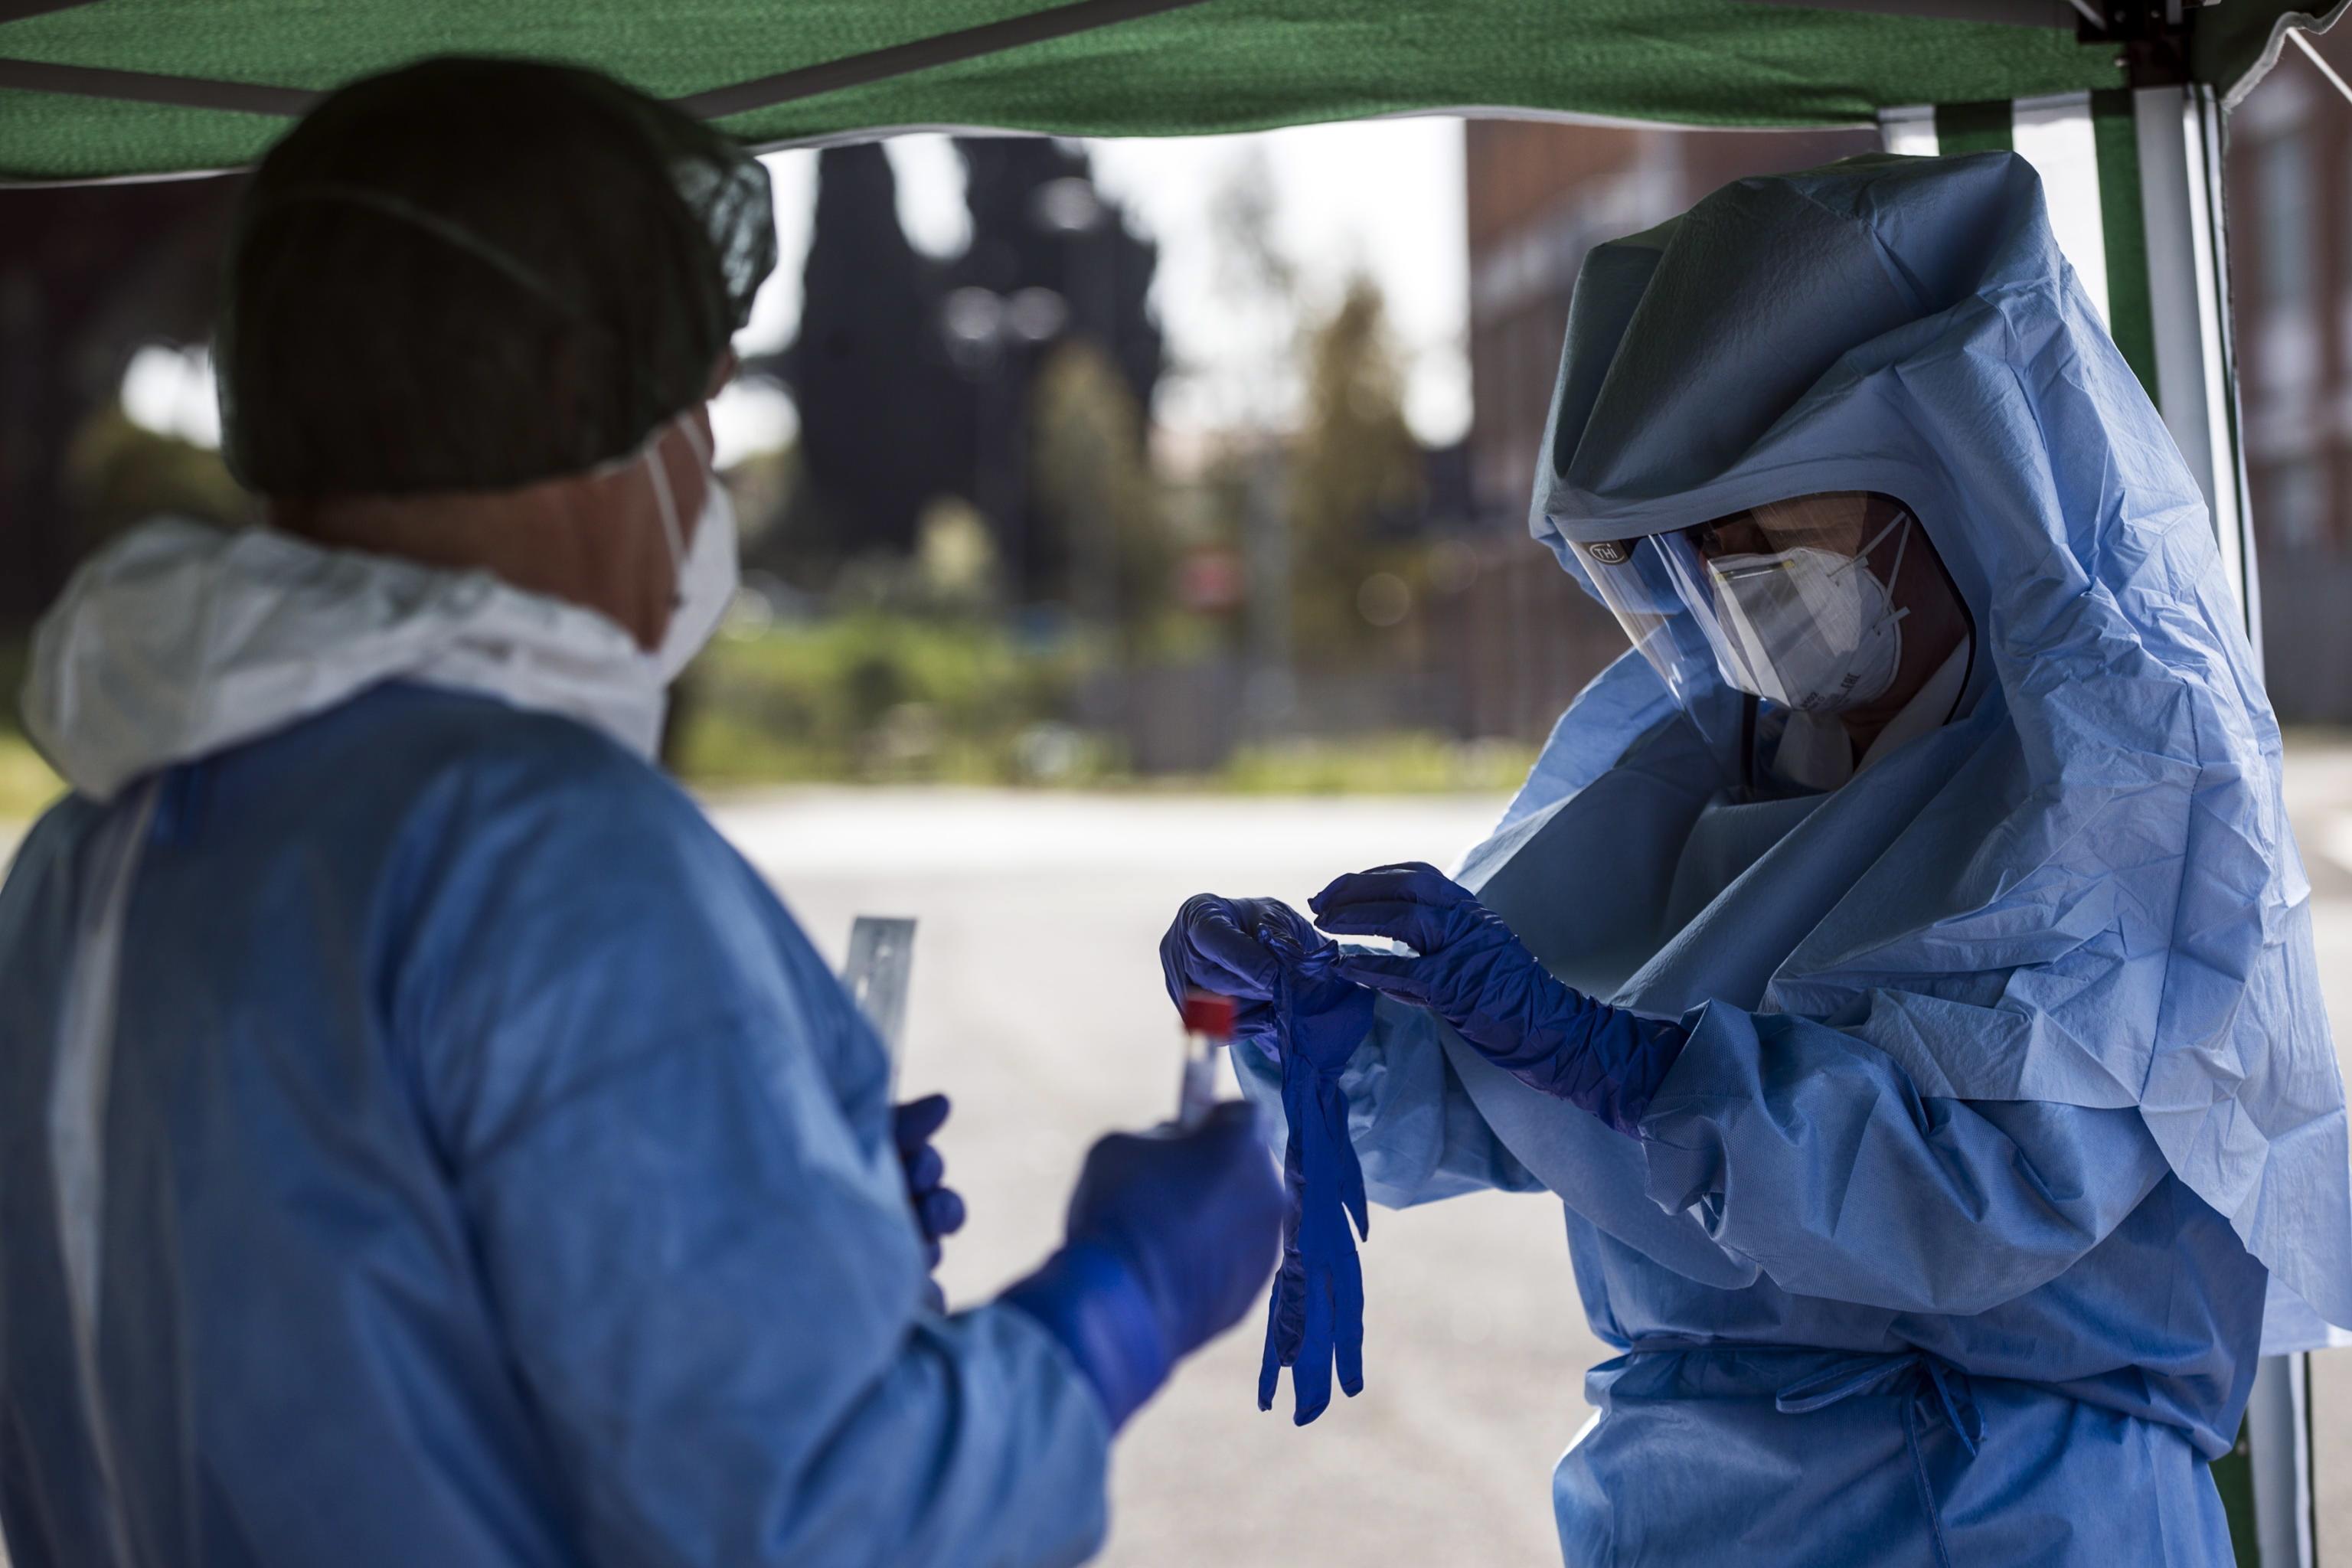 Médicos e enfermeiros da Roménia e Noruega reforçam meios em Itália